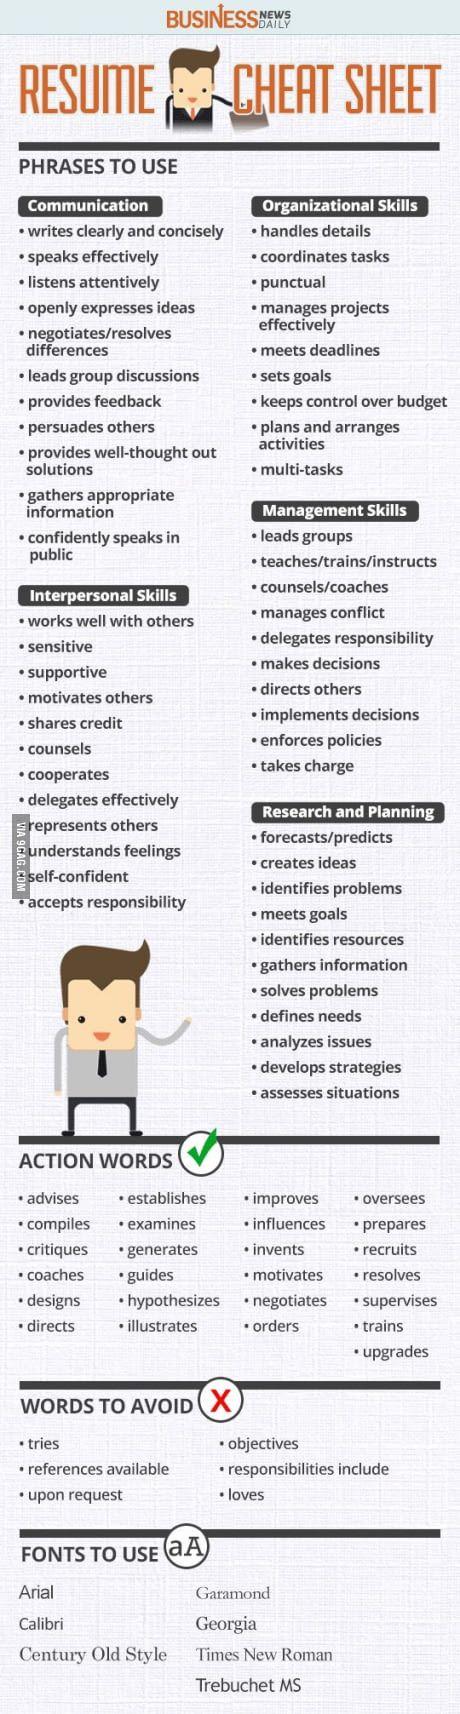 Tips for resume